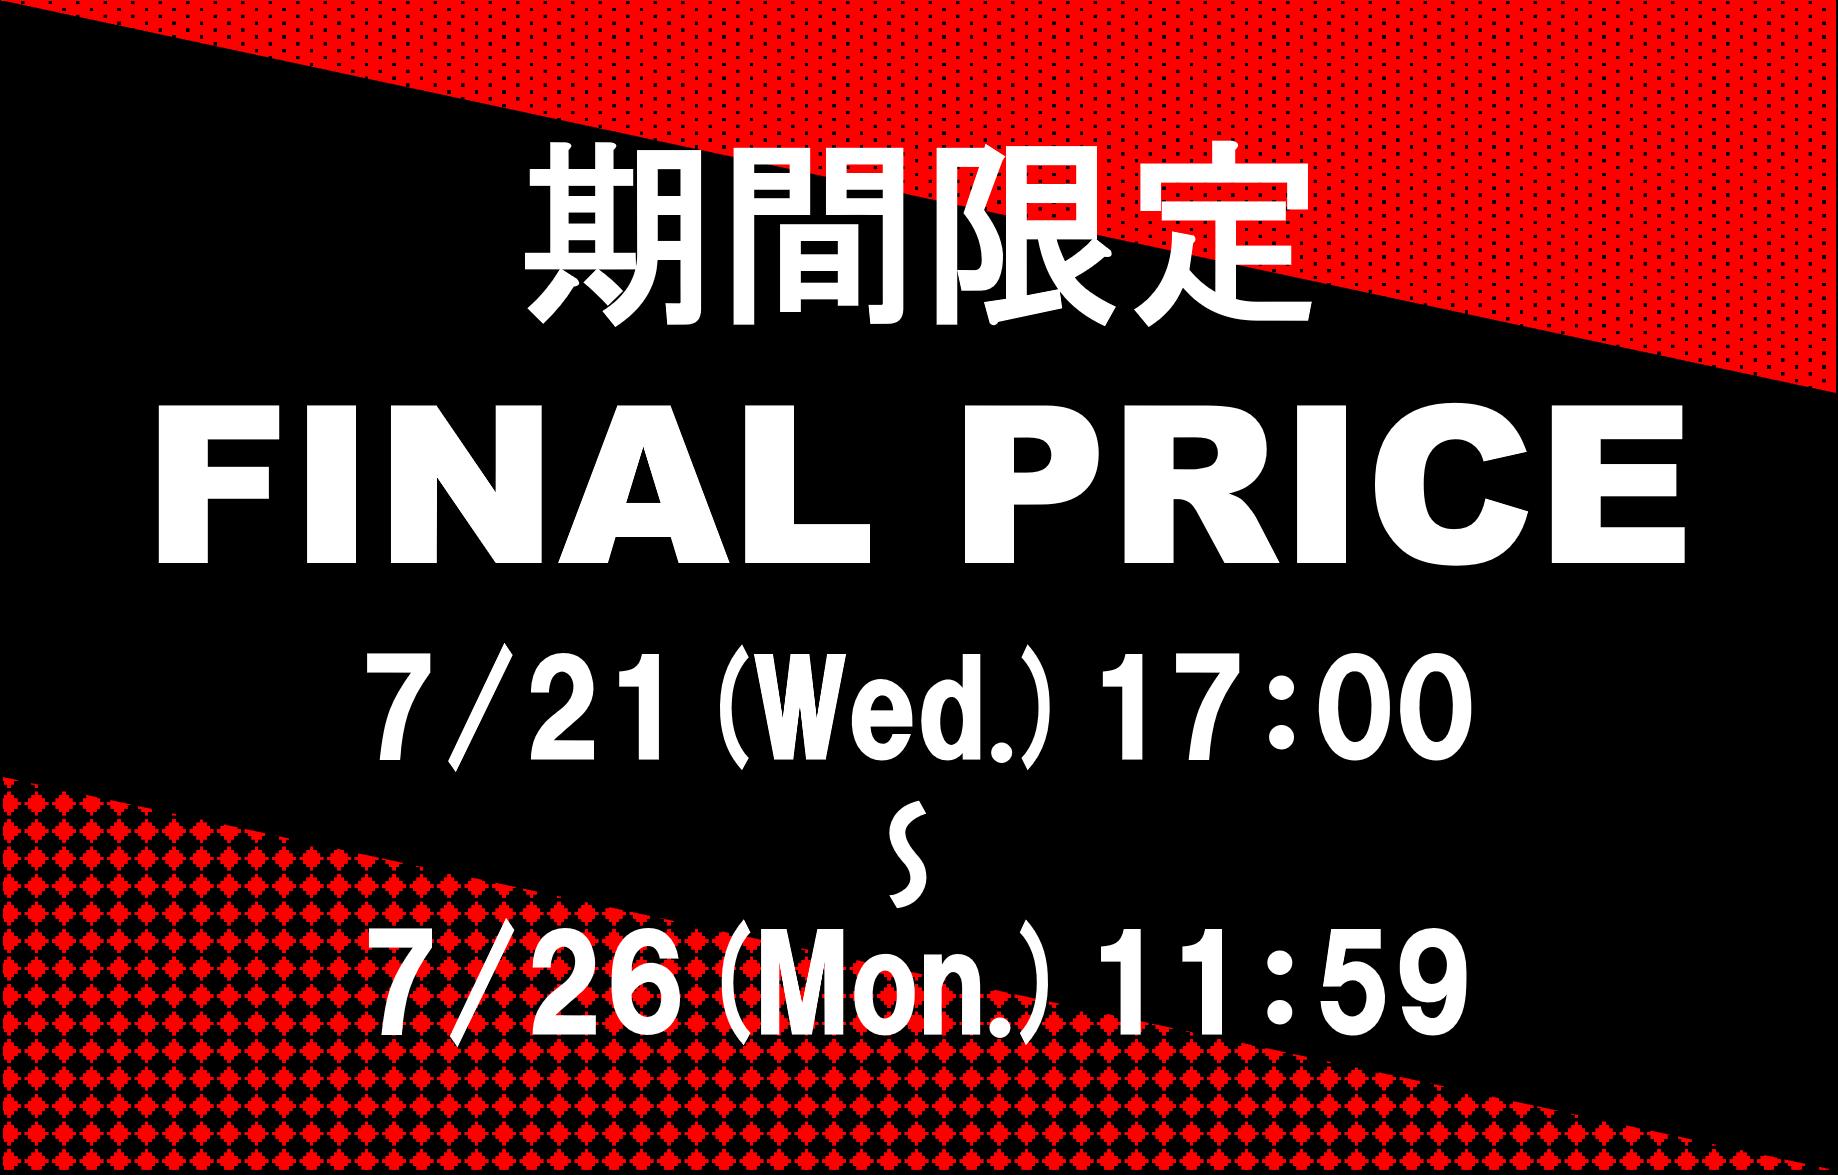 期間限定セール開催【FINAL PRICE】